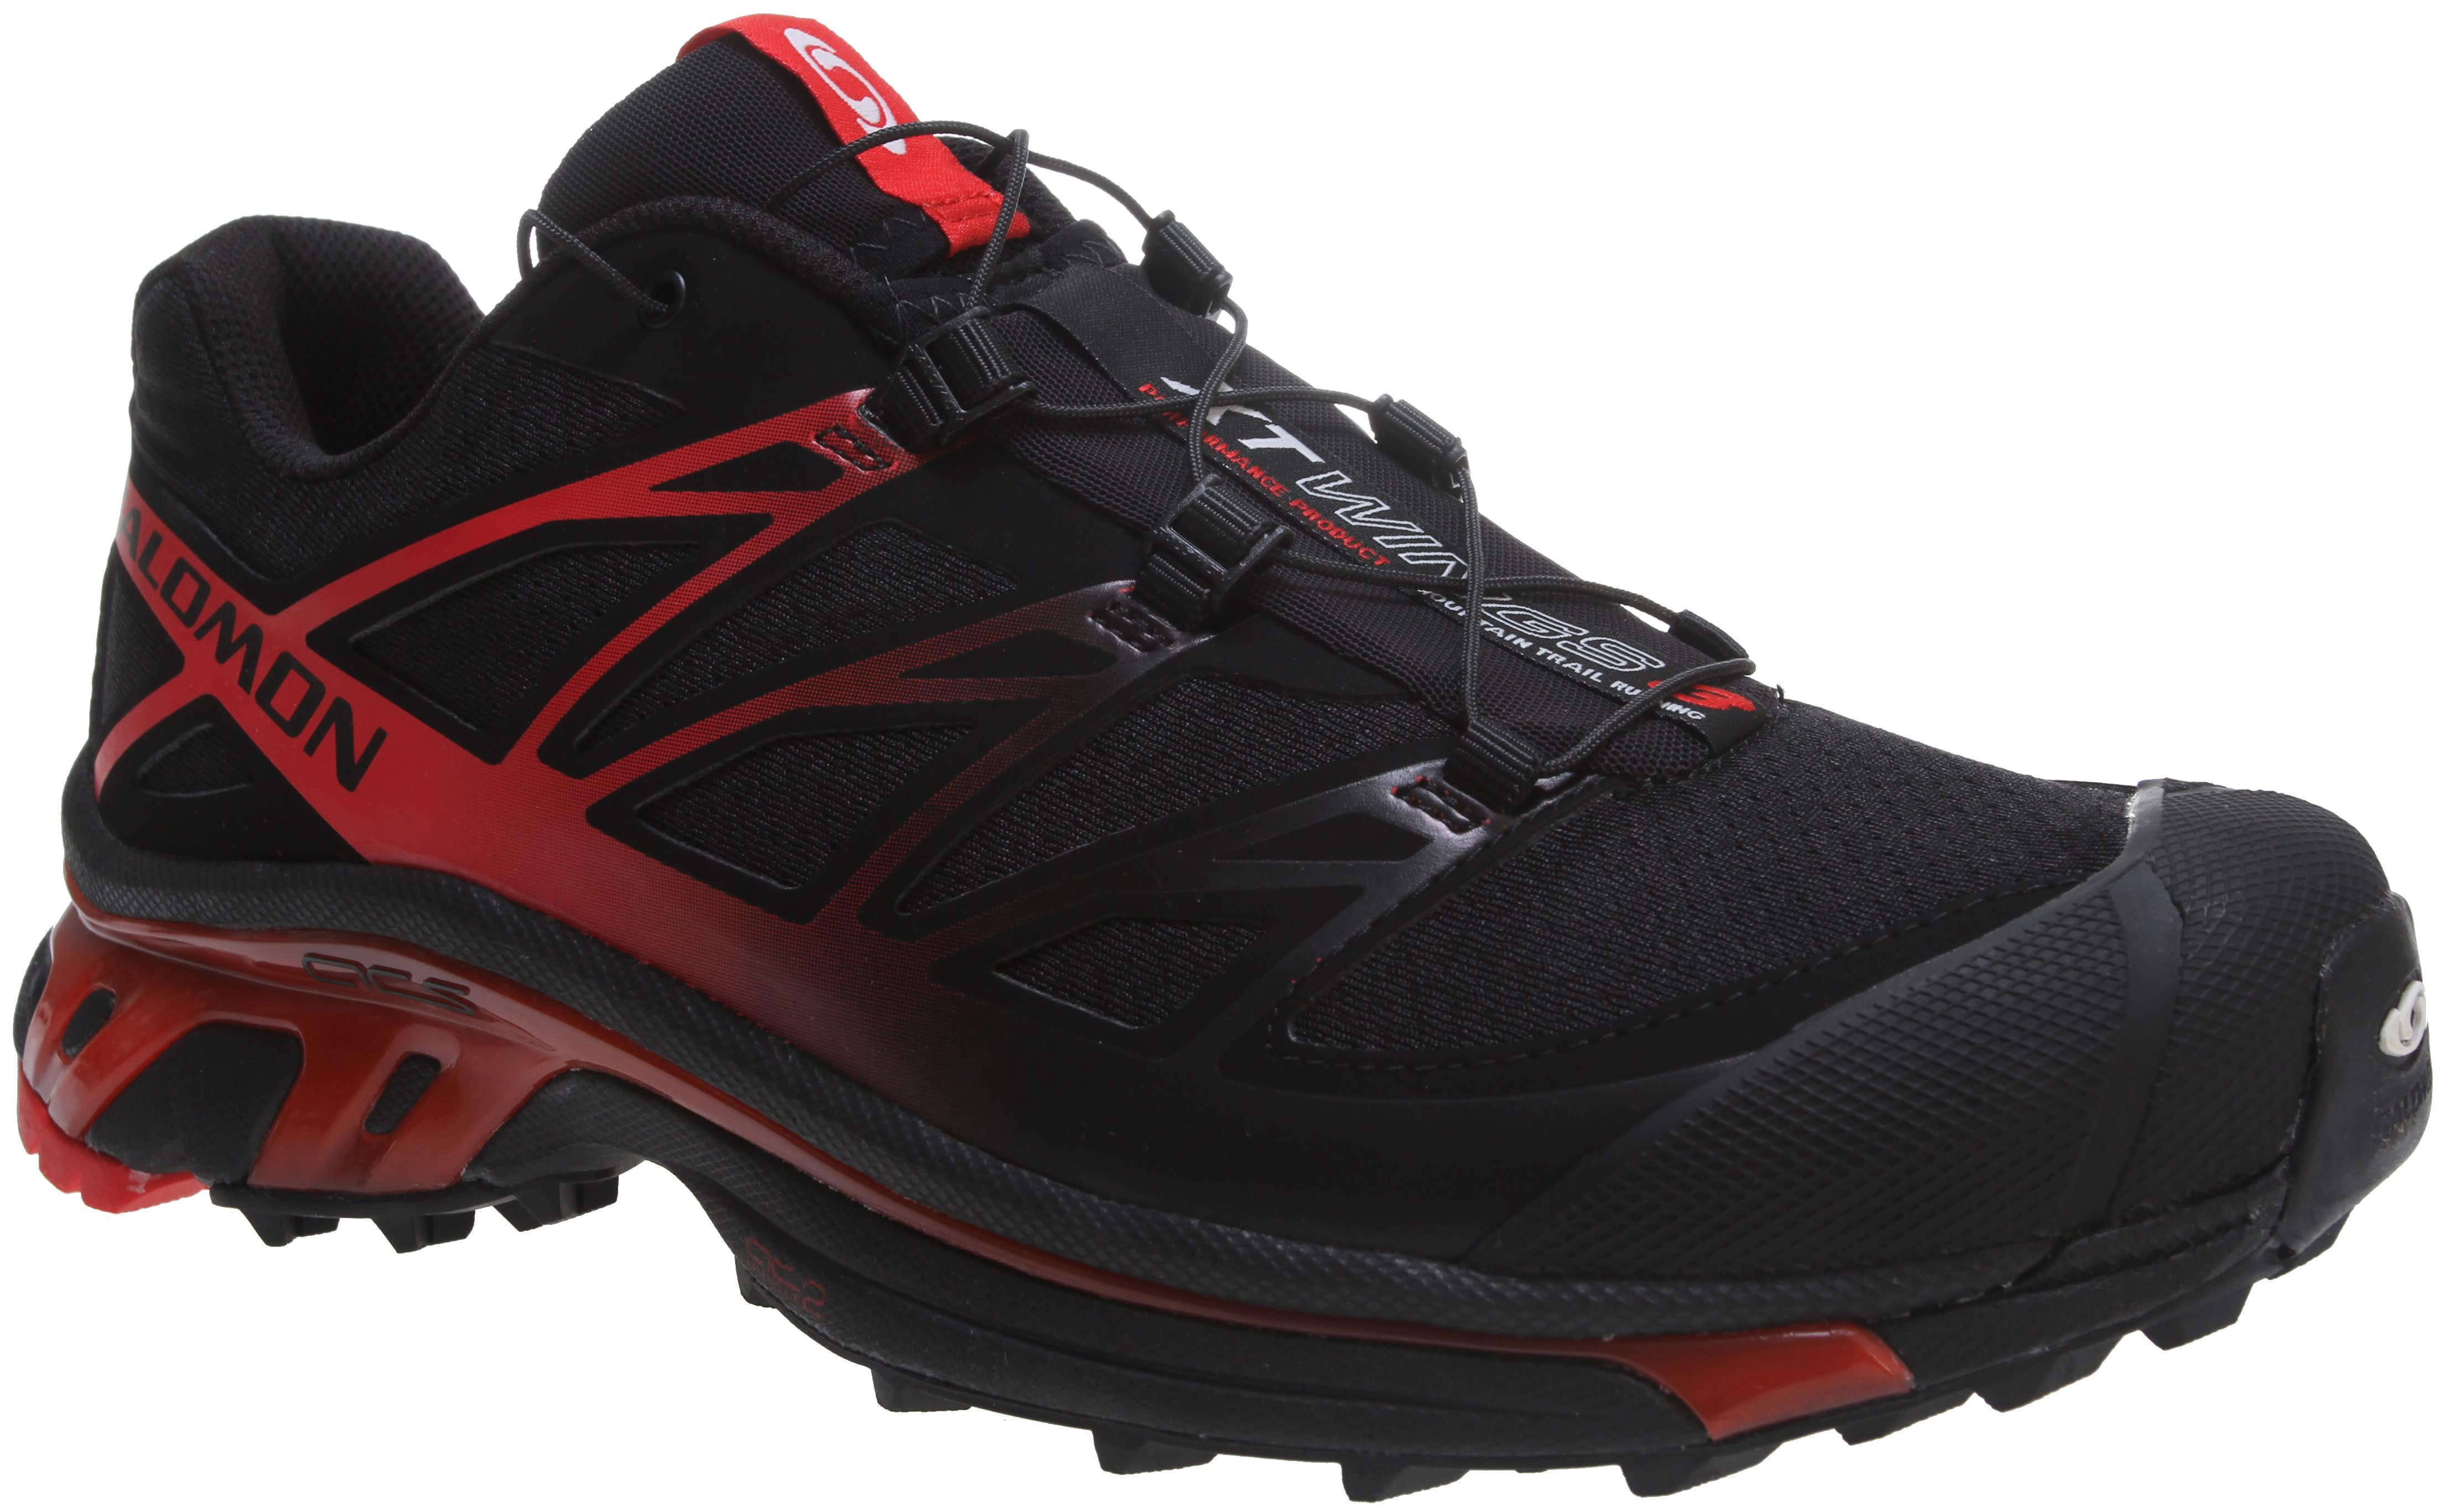 tout neuf 8ff08 04971 Salomon XT Wings 3 Shoes